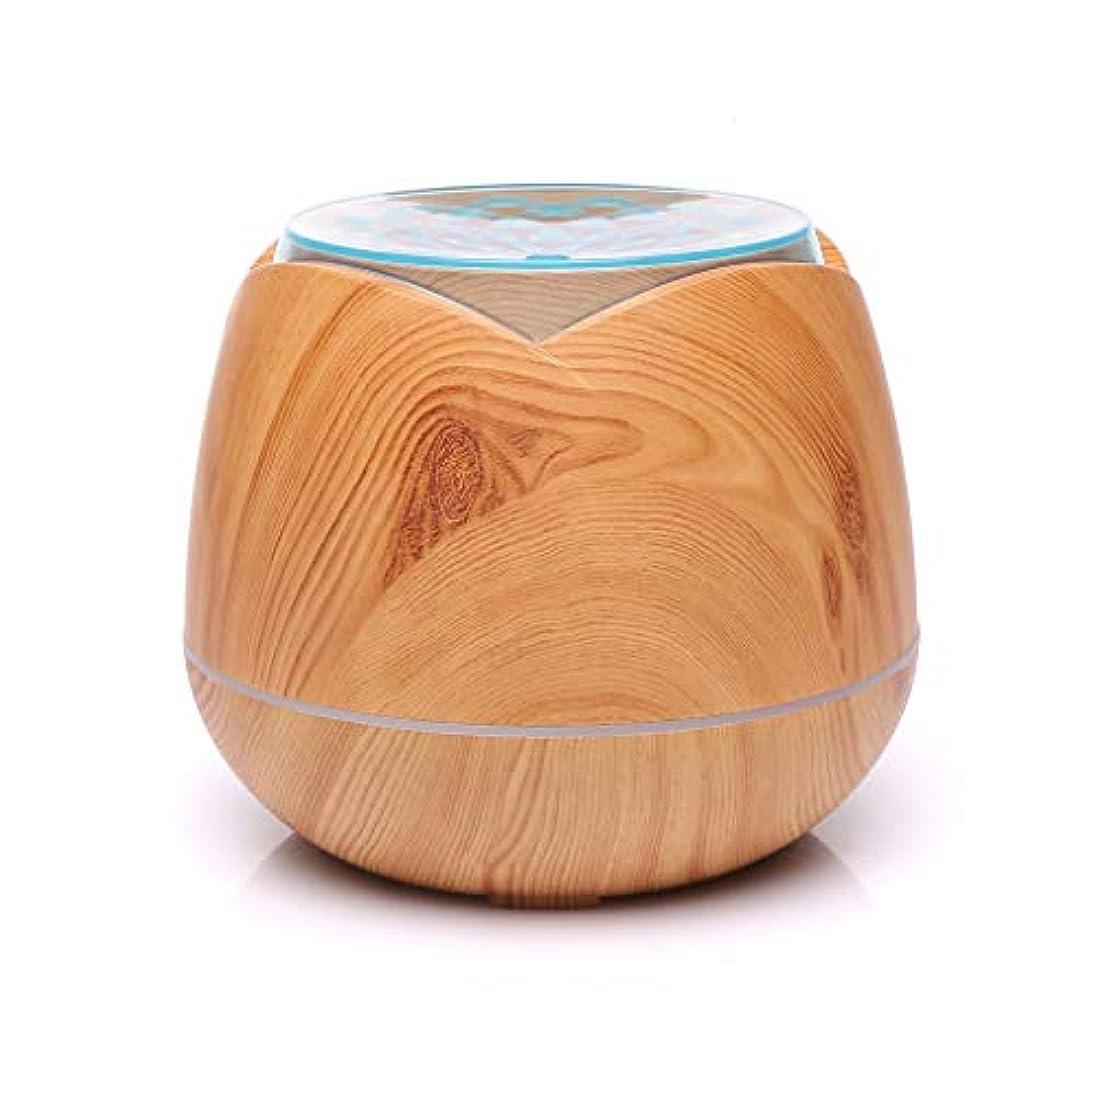 宴会豚肉頂点涼しい霧の空気加湿器、家、ヨガ、オフィス、鉱泉、寝室のために変わる色LEDライトと超音波400ml - 木目 - (Color : Light wood grain)